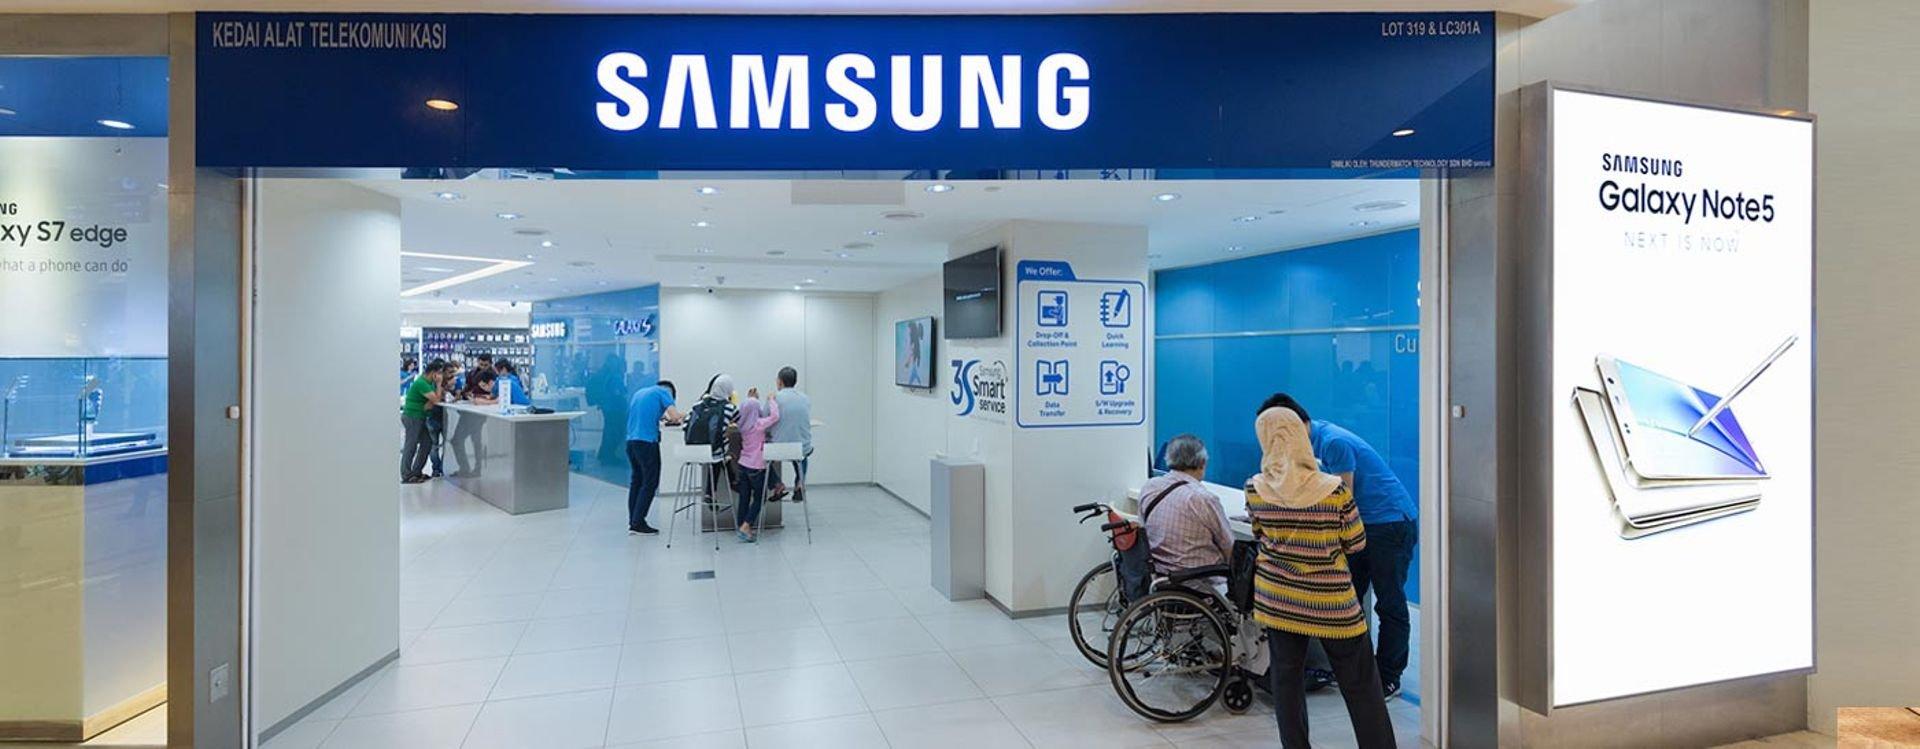 شركة سامسونج تكشف النقاب عن أول هواتف العام 2017